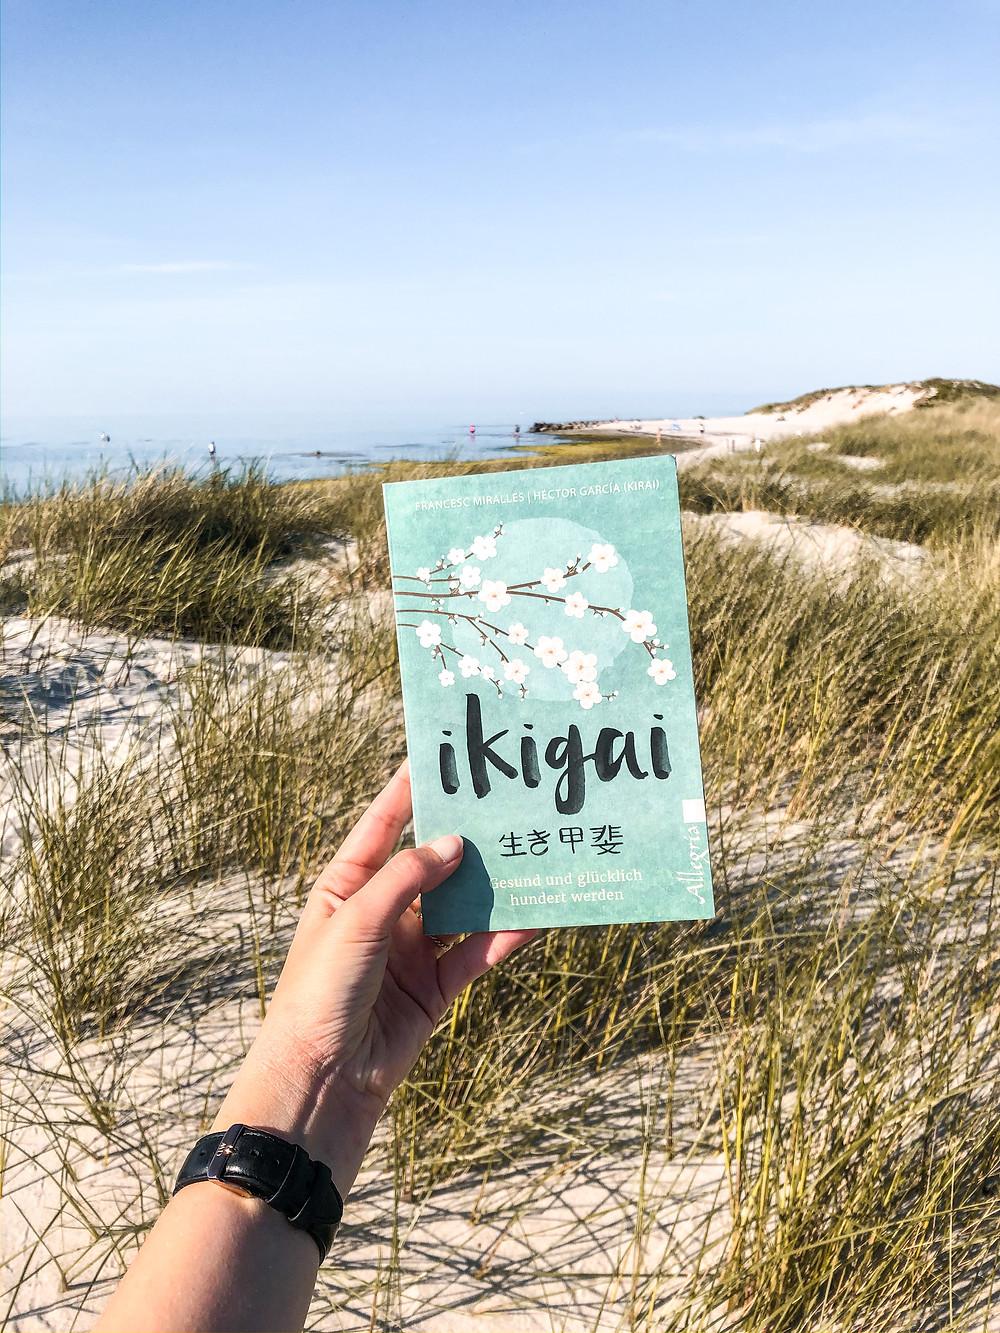 """Ikigai lässt sich nicht wortwörtlich ins Deutsche übersetzen allerdings beschreibt """"Der Grund, der dich morgens aufstehen lässt"""" es sehr treffend."""